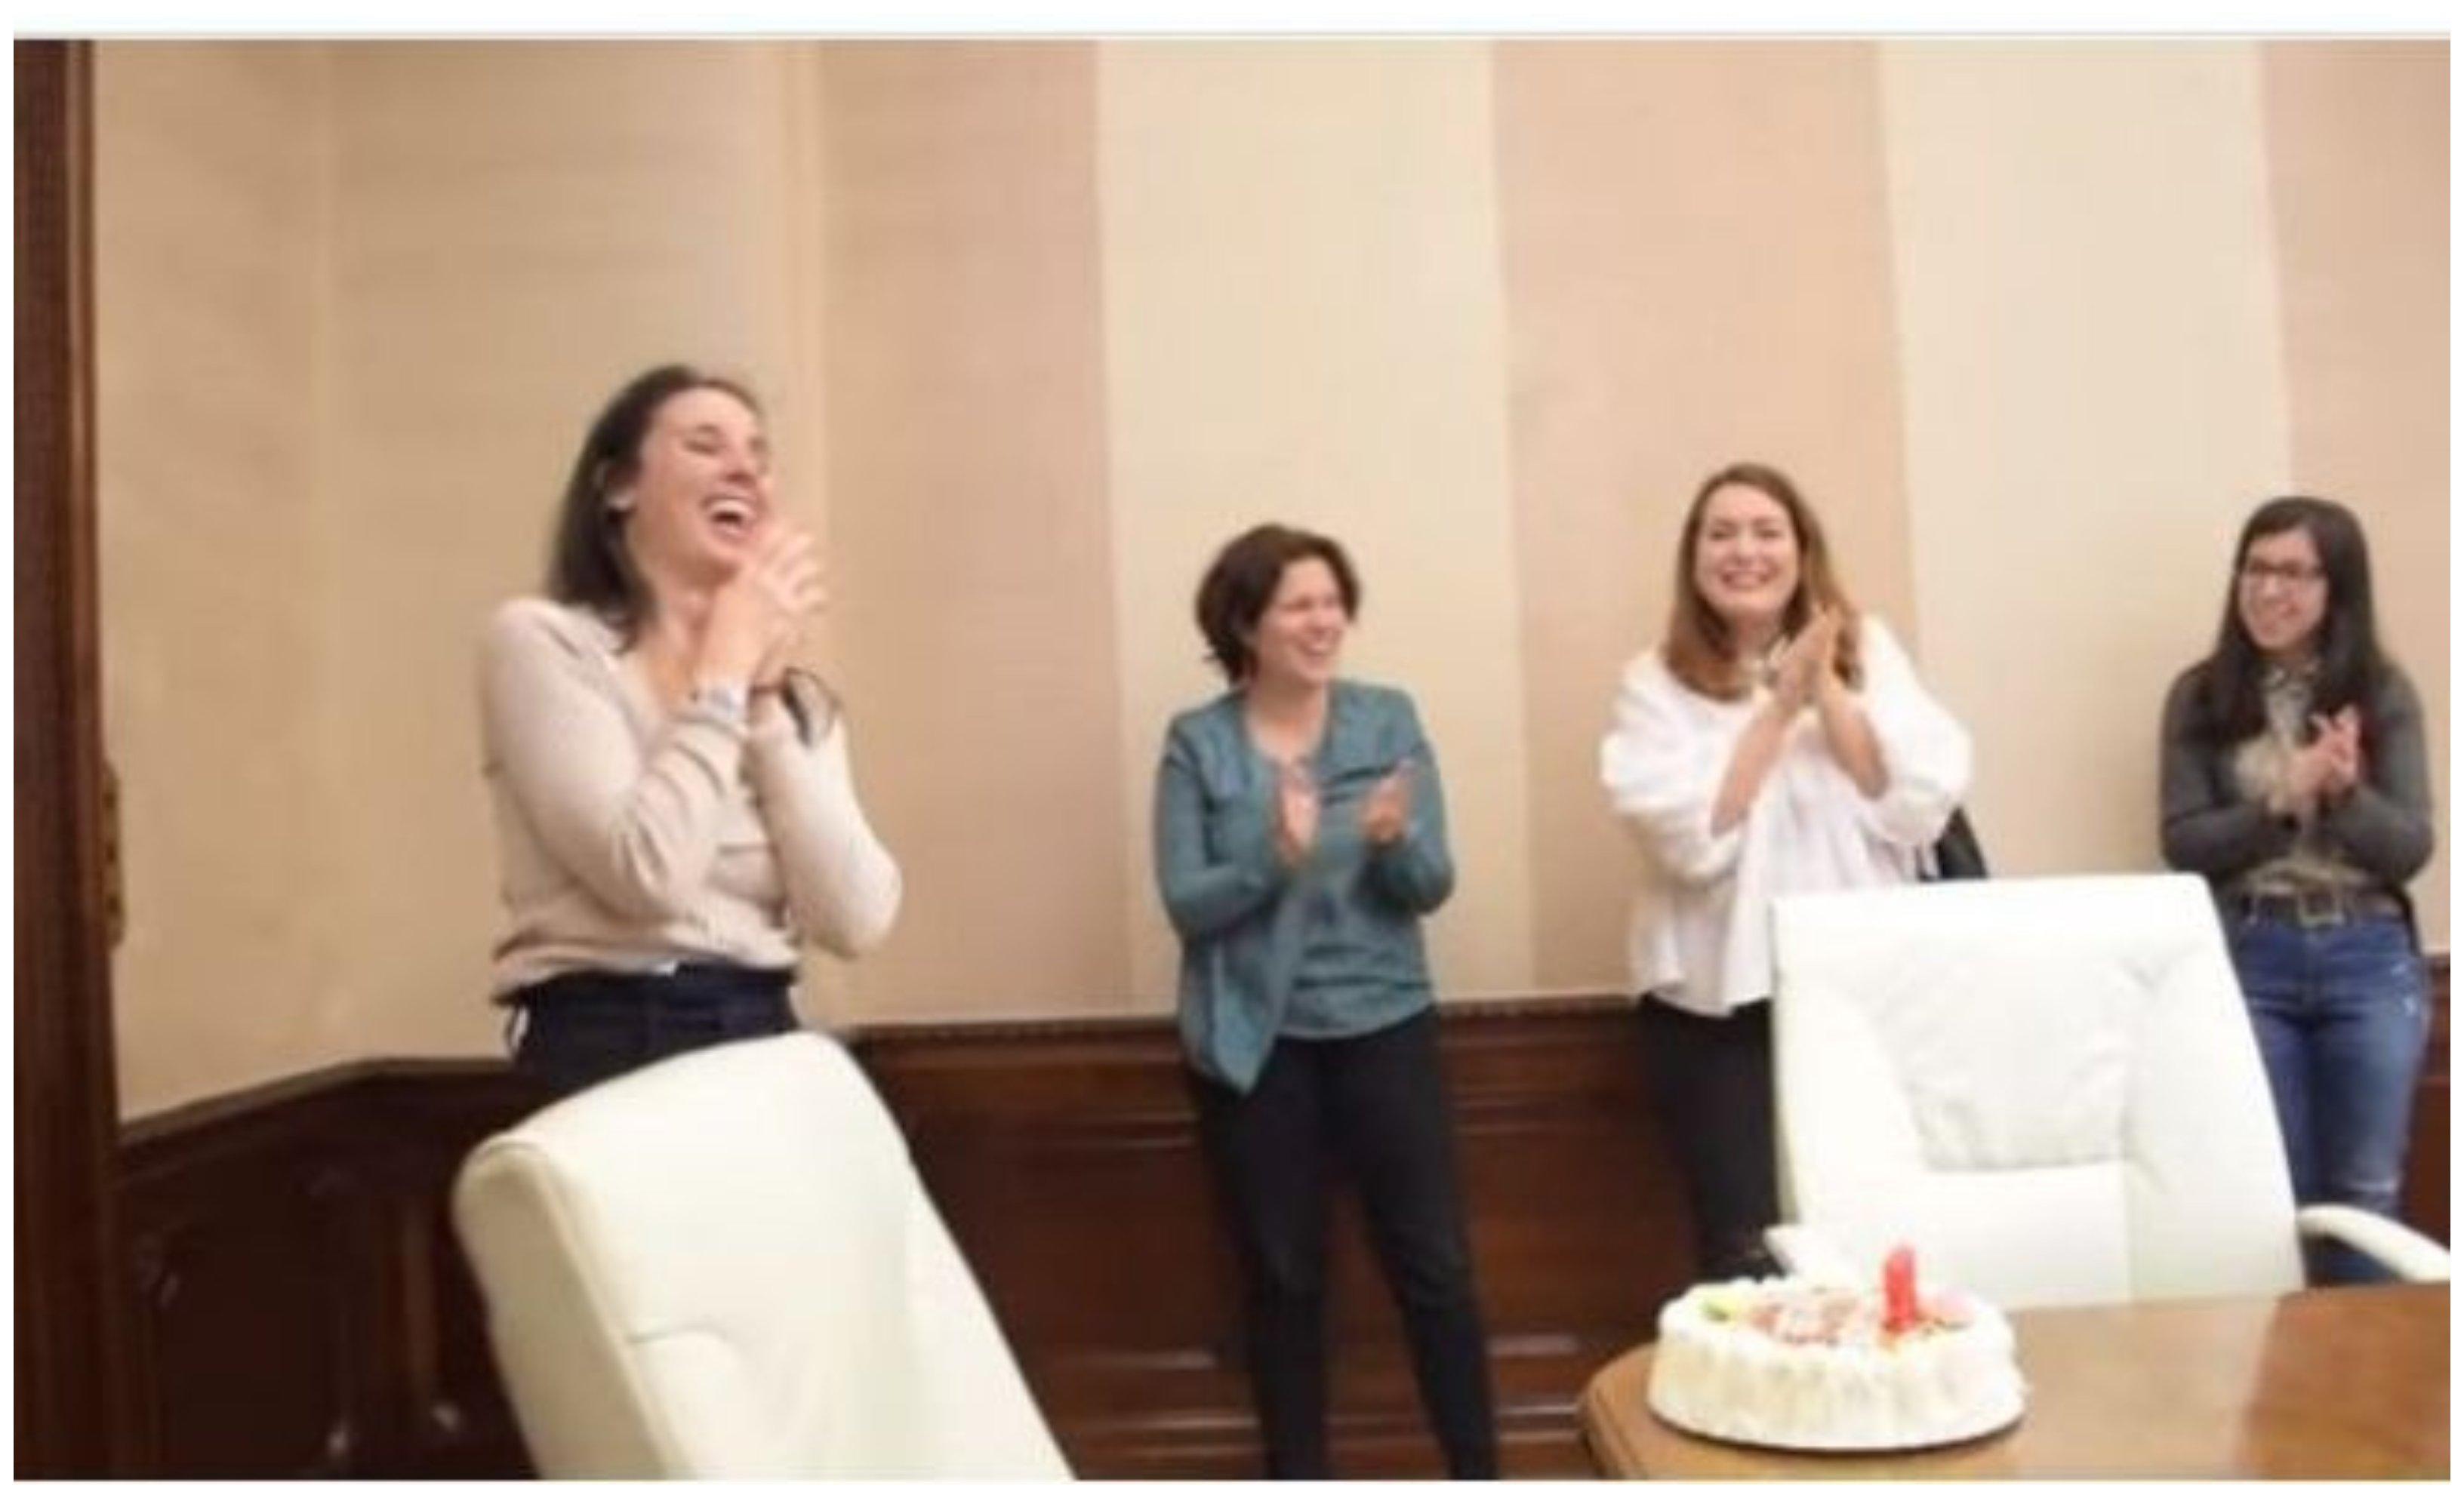 El narcisismo de Irene: celebra, en el ministerio, su cumpleaños... sorpresa. Altos cargos muy laboriosos